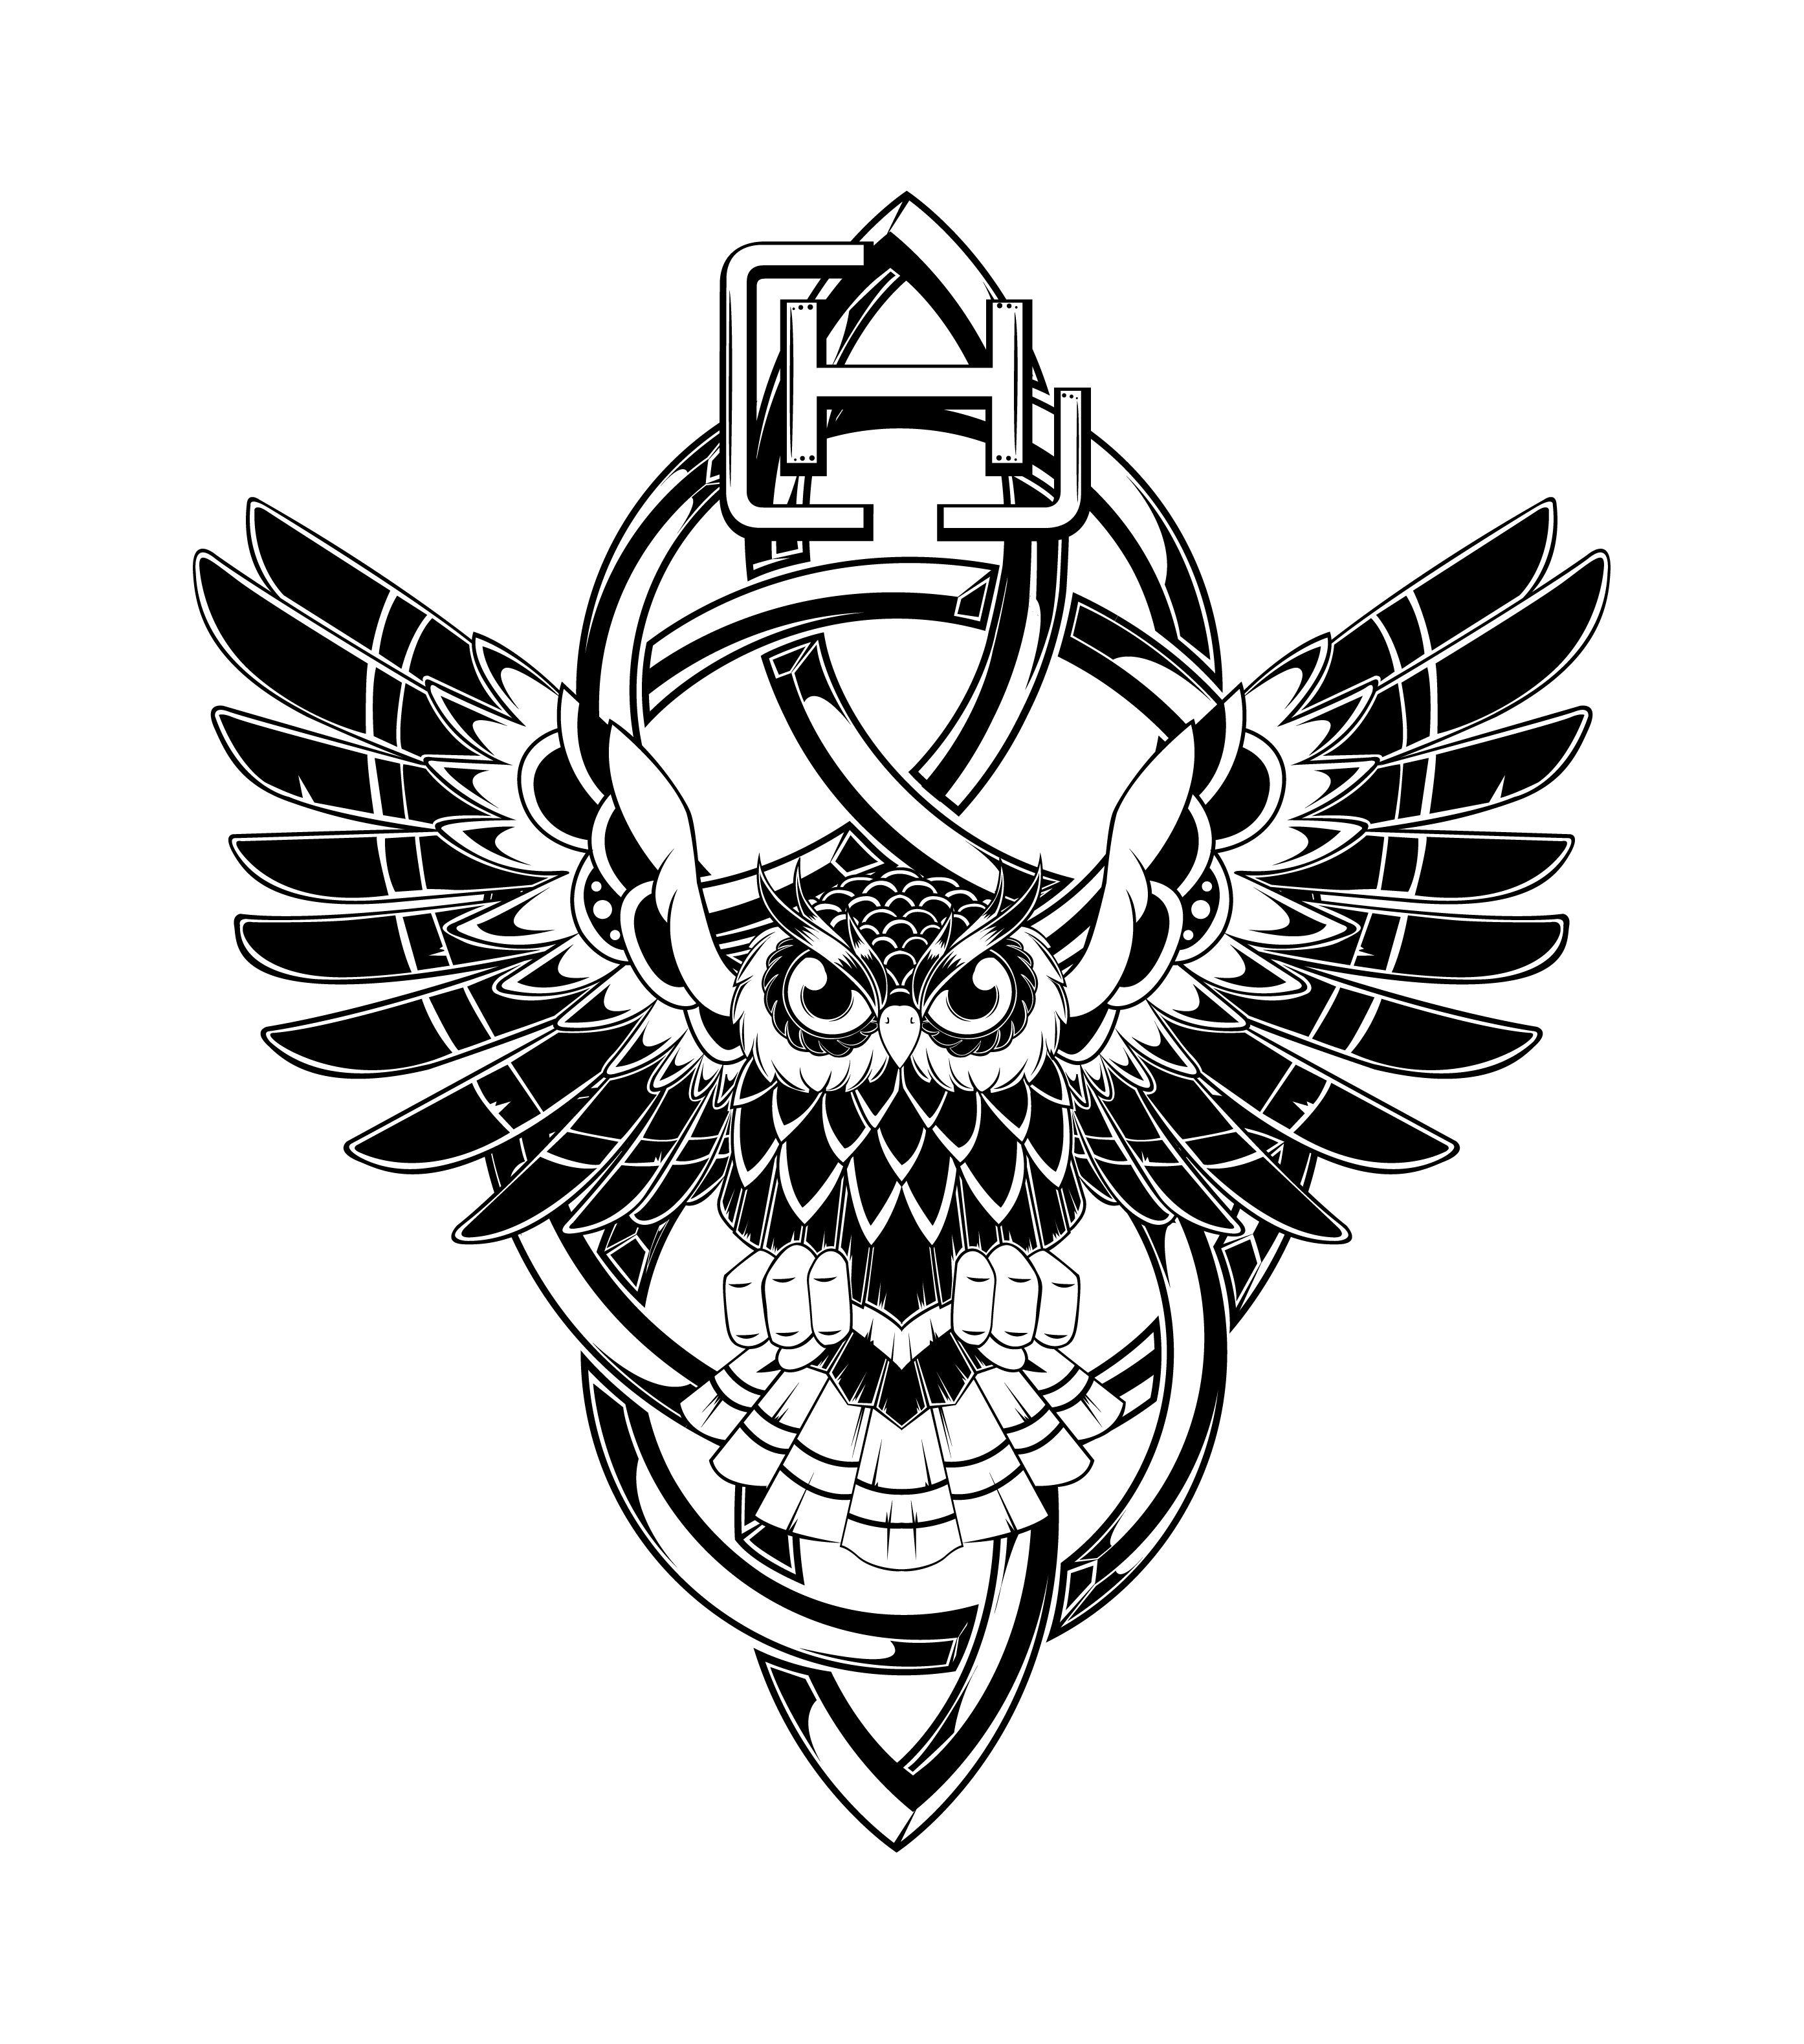 Diseño vectorial creado en Illustrator CS5, por HJcreation